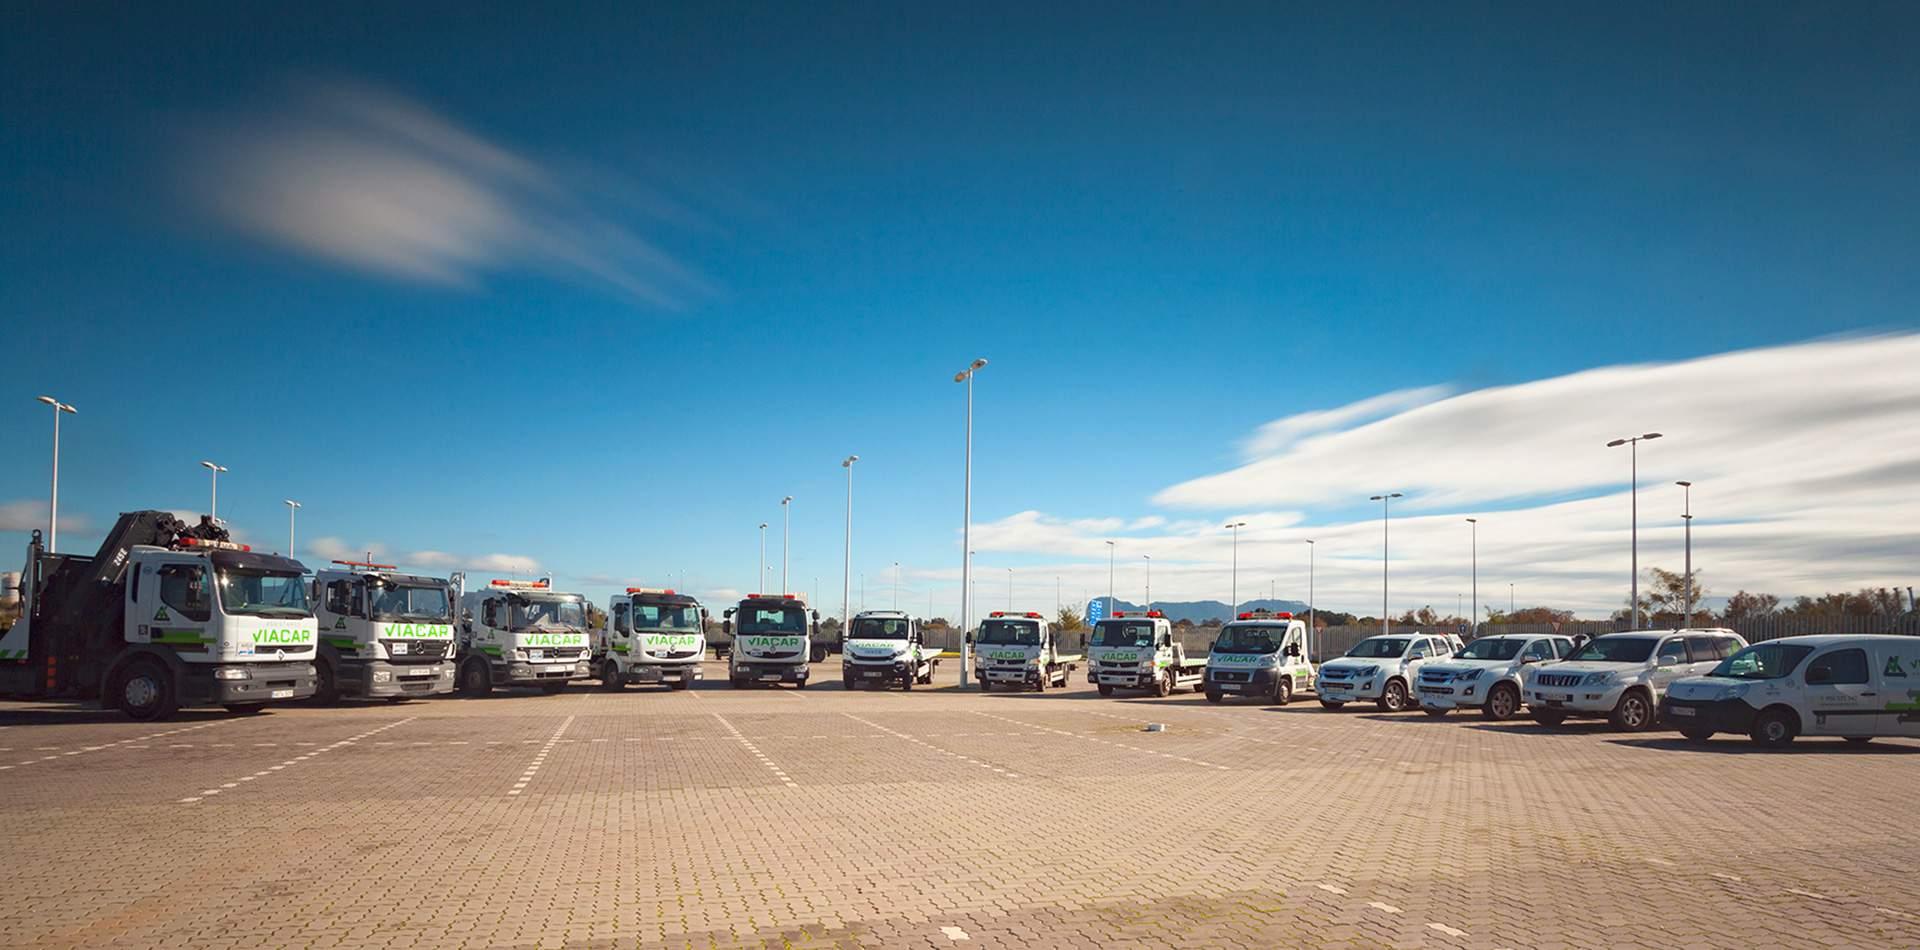 Imagen de Transporte agrupado de vehículos